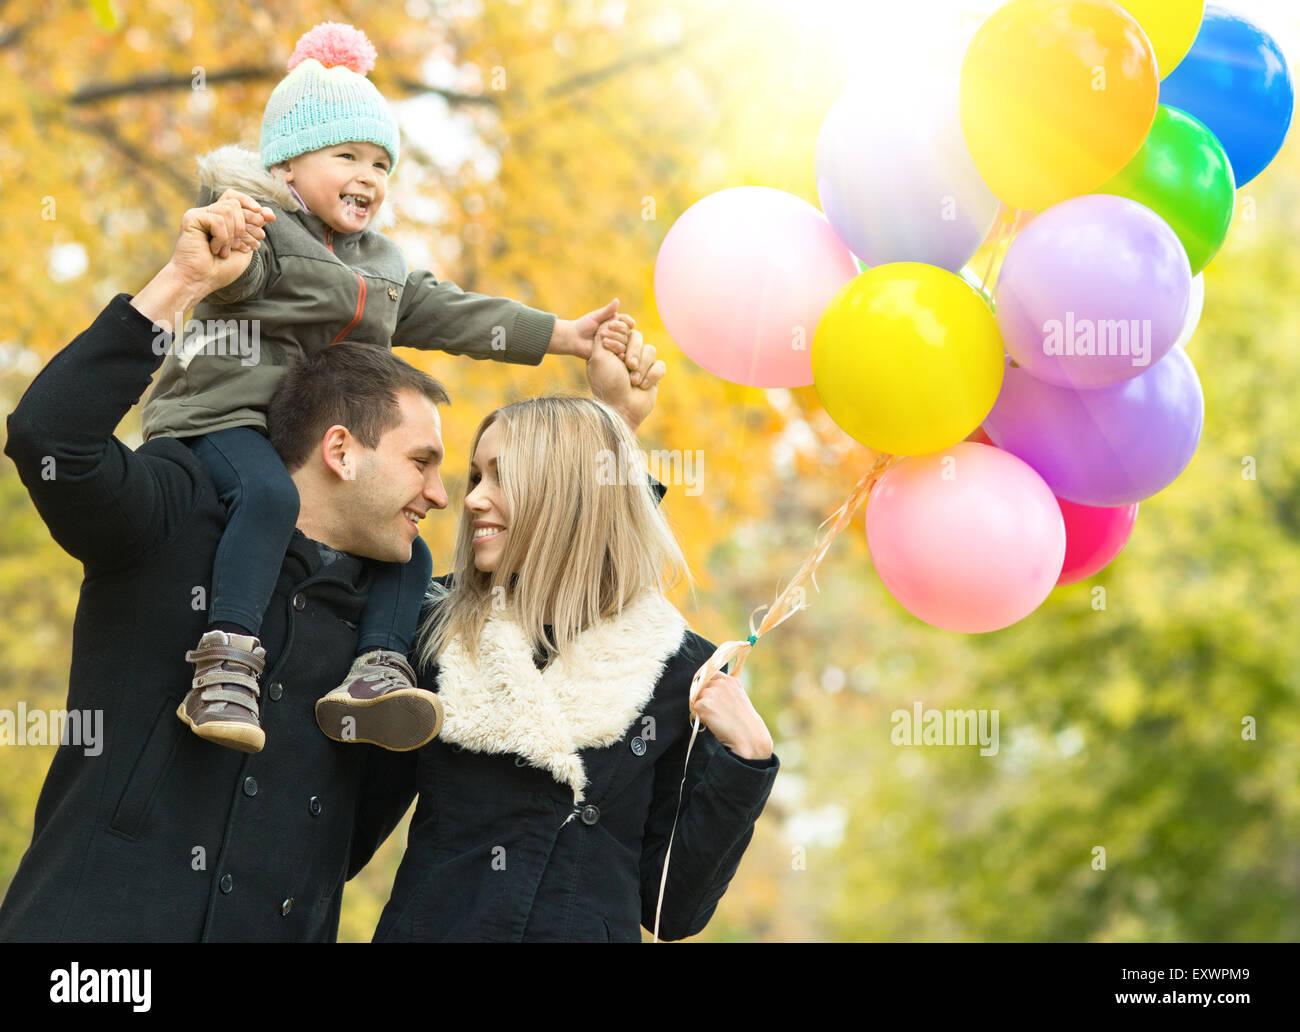 Familia feliz con el niño pequeño y el aire globos, paseo en el parque de otoño Imagen De Stock